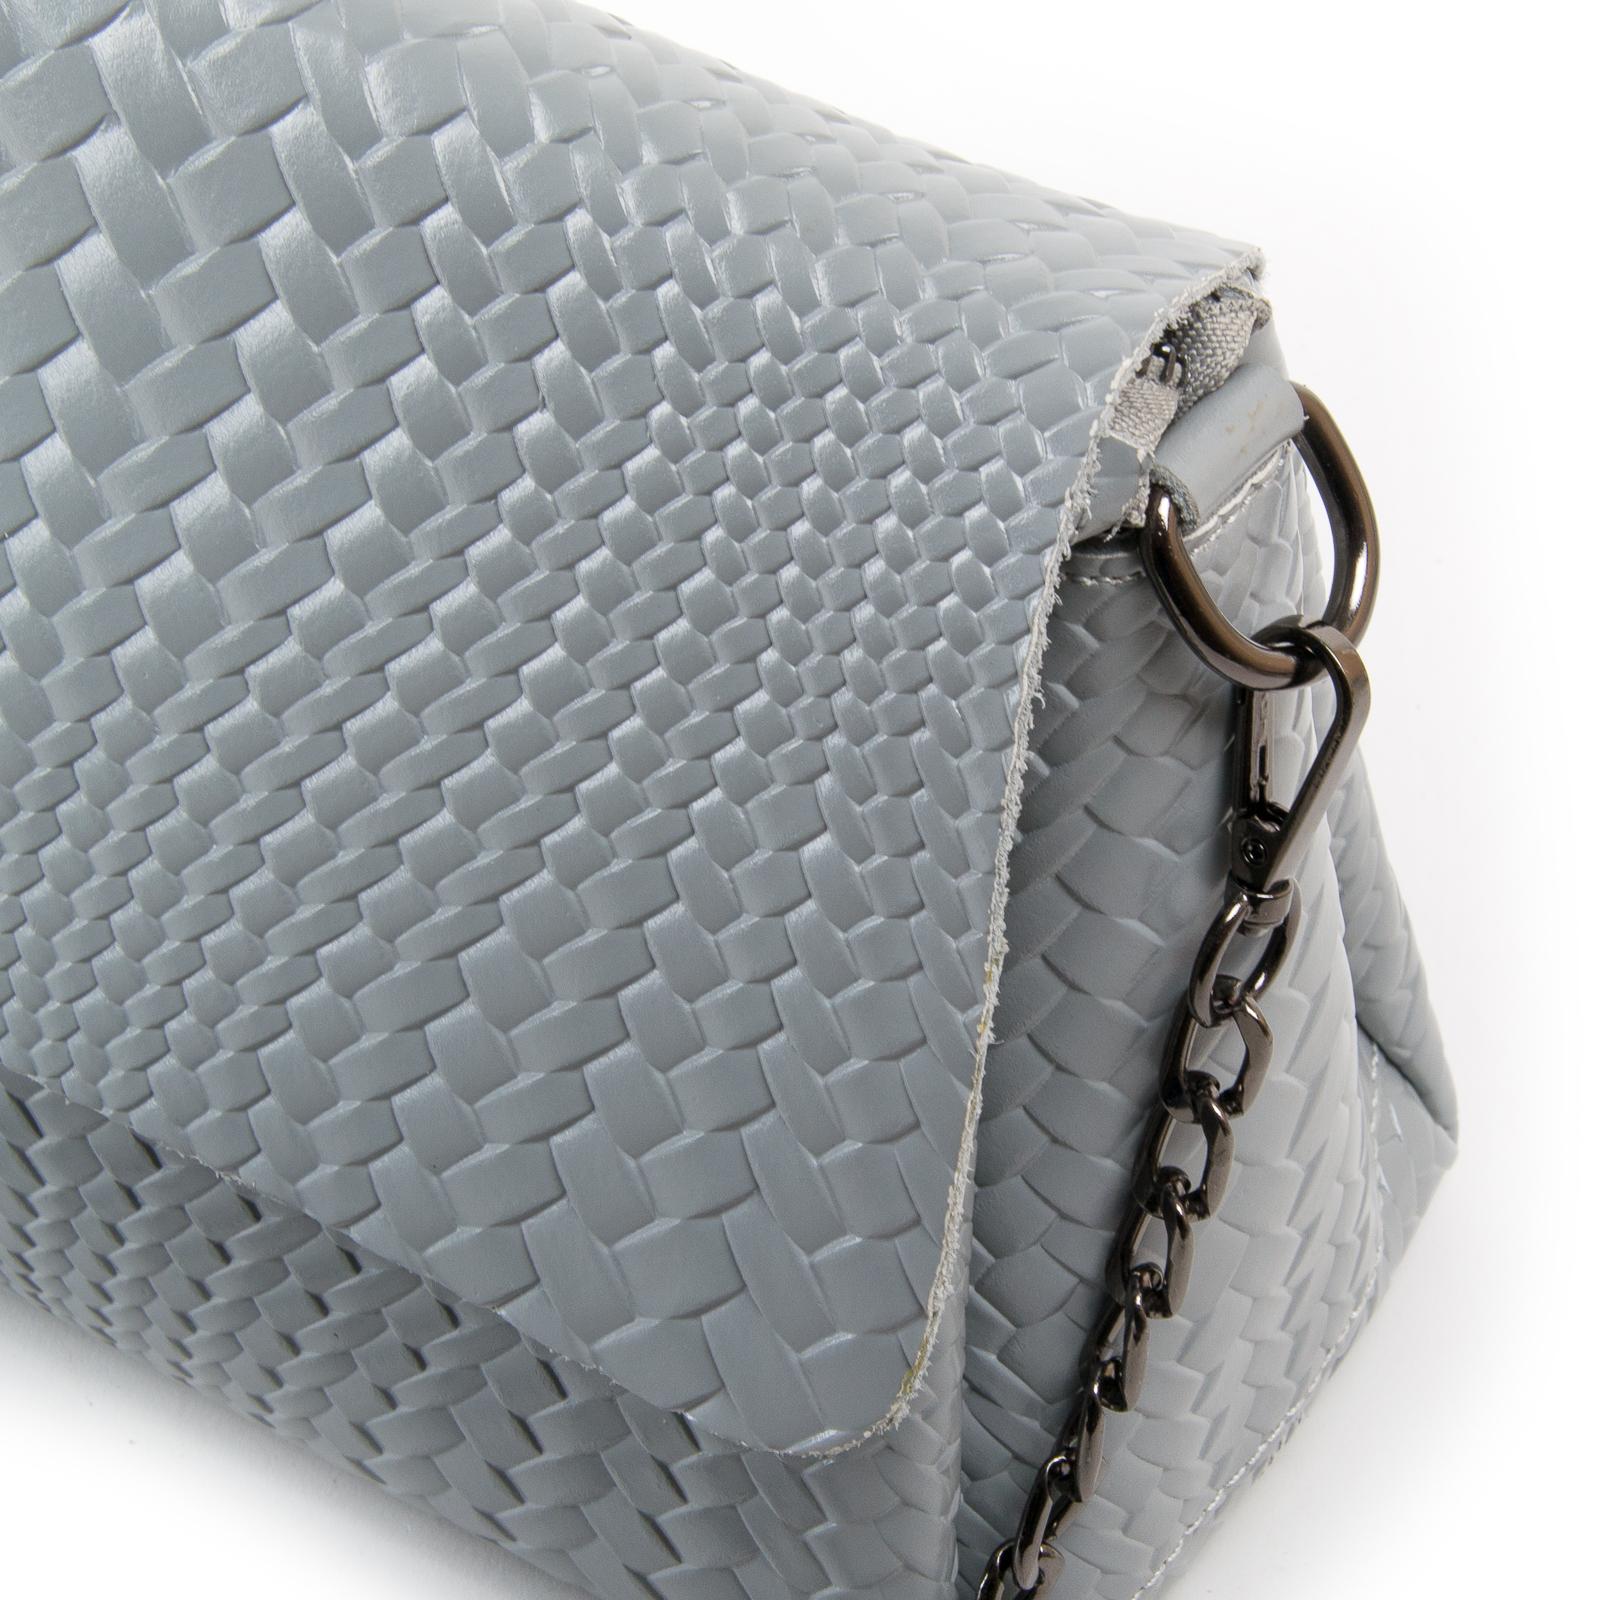 Сумка Женская Классическая кожа ALEX RAI 03-01 J009-1 grey - фото 3